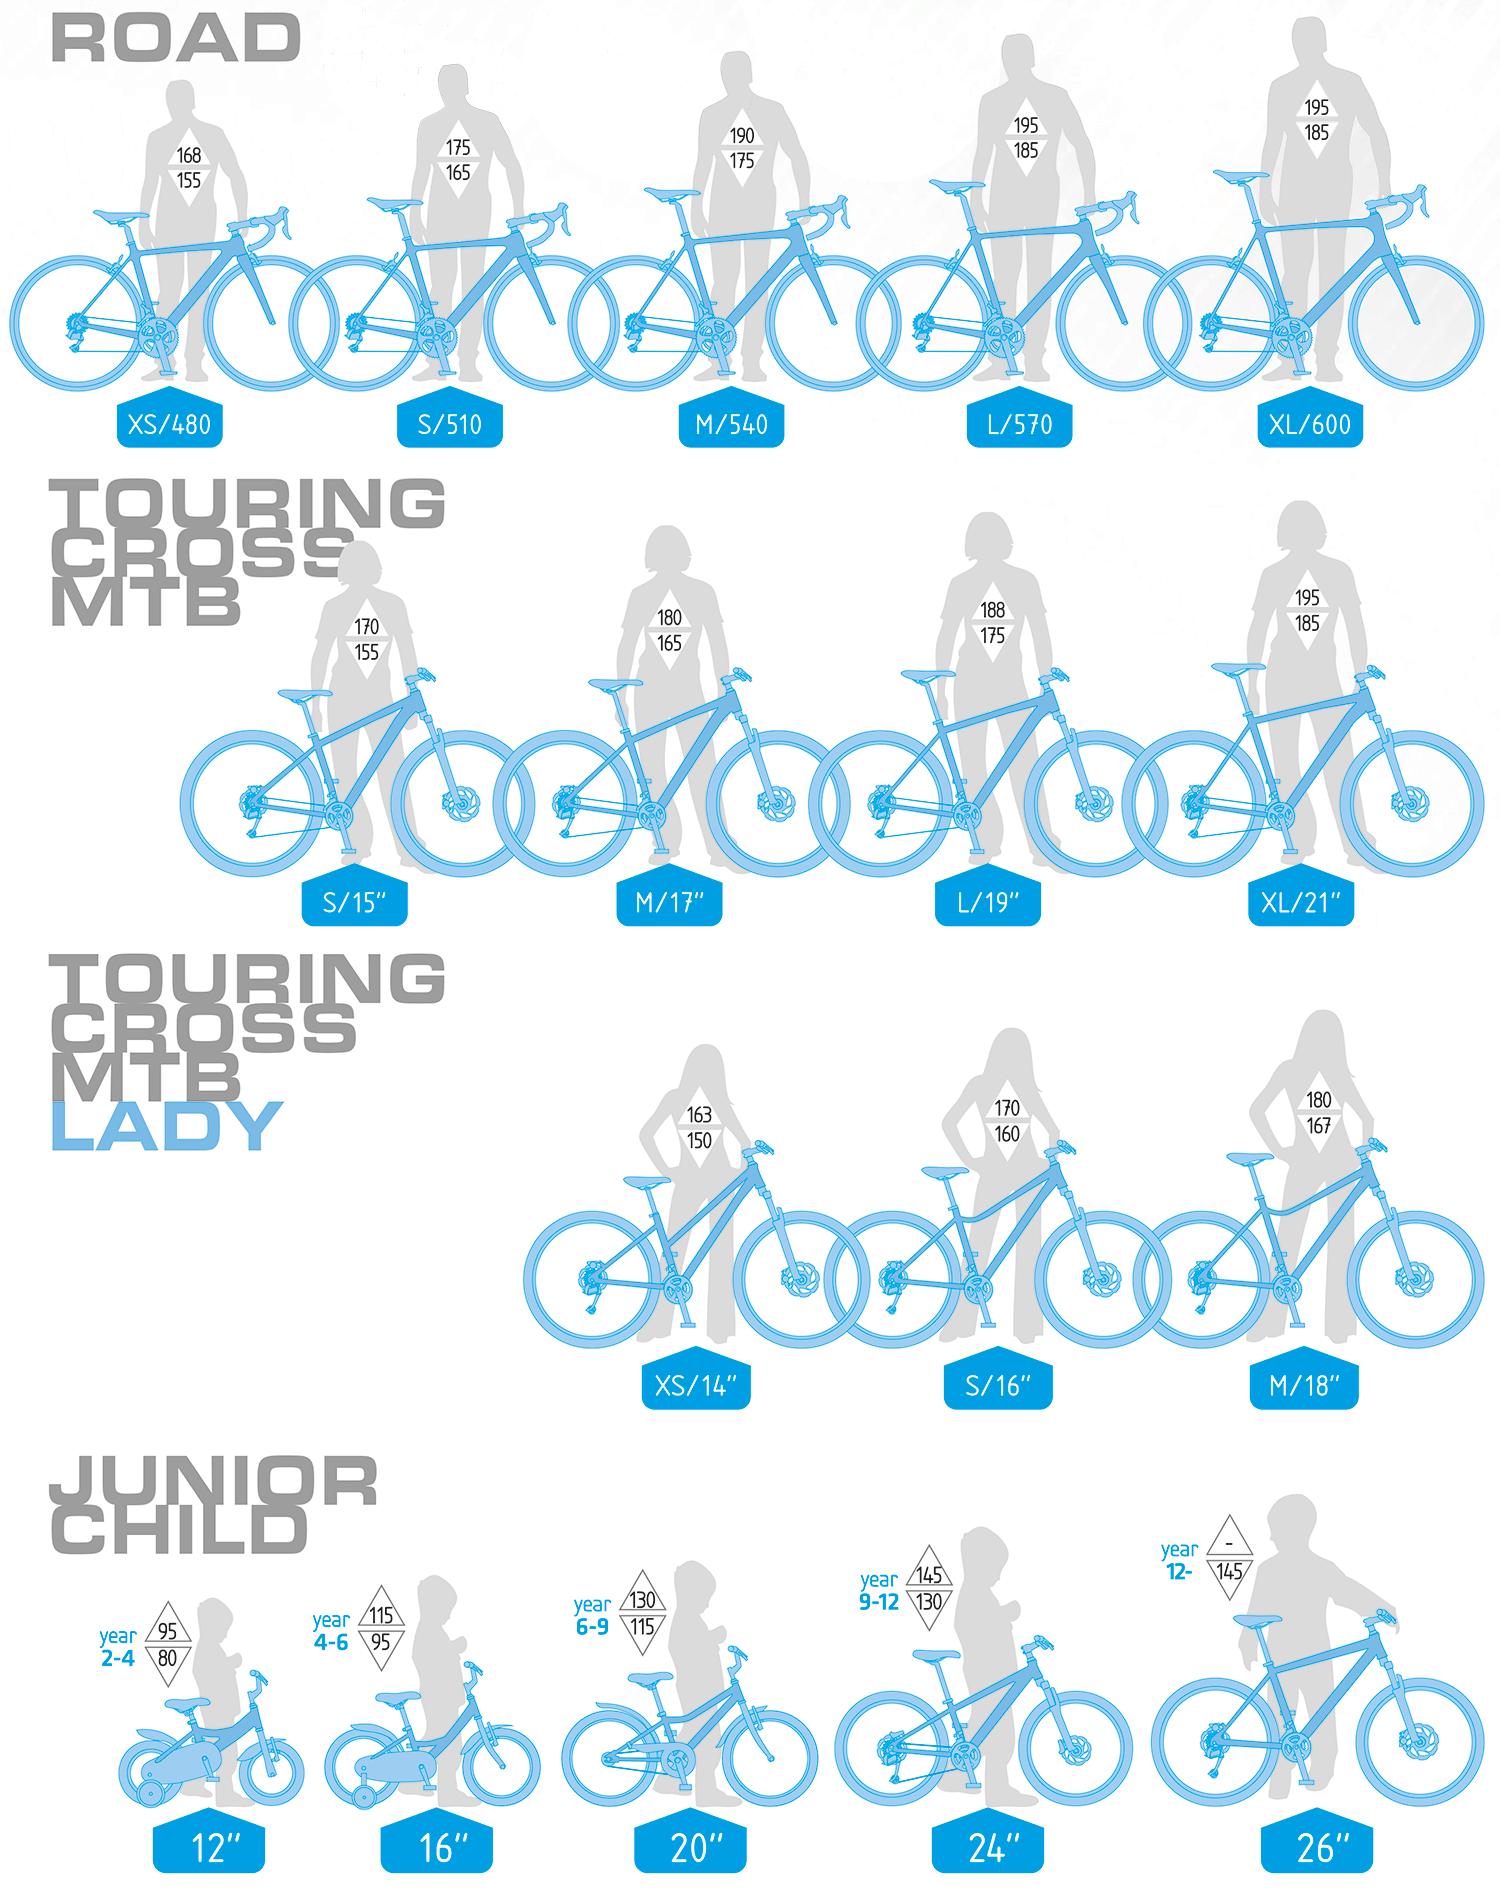 940e67270 Údaje uvedené v tabuľke sú len orientačné. Každá značka bicyklov má inú  geometriu rámov, preto sa o vhodnej veľkosti vopred poraďte.